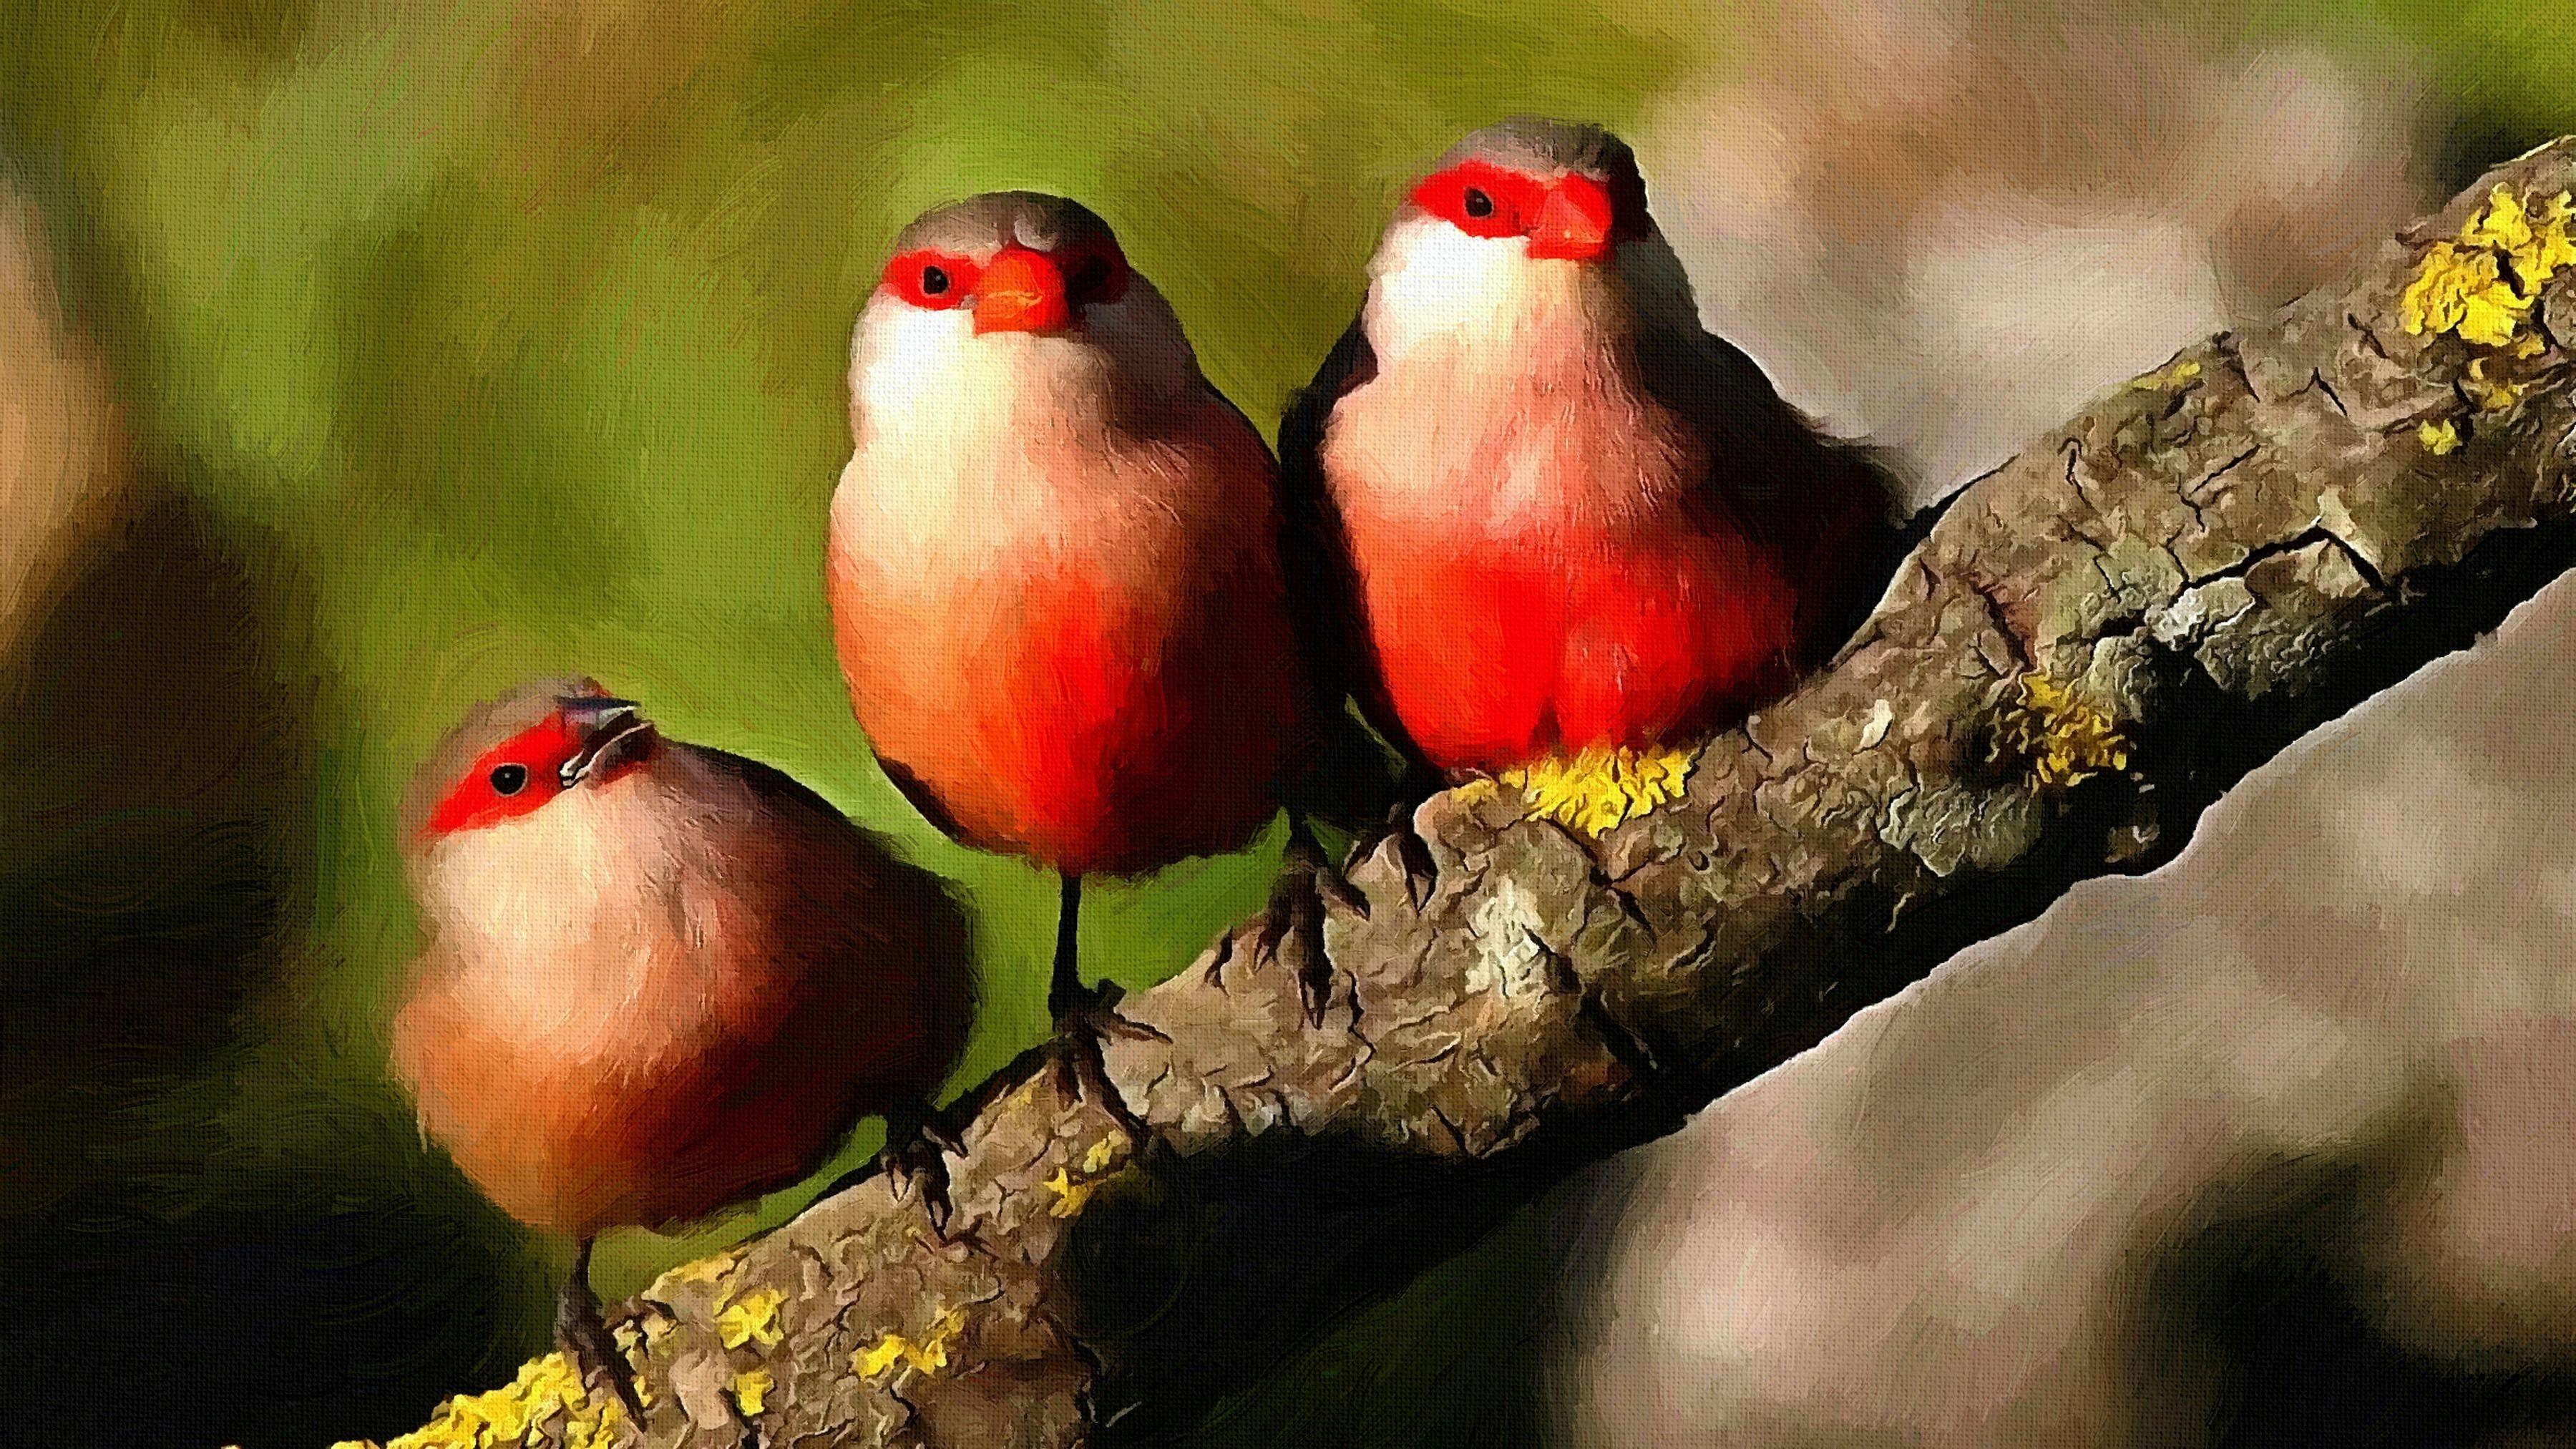 Masaüstü Boyama Kuşlar Doğa Papağan Kırmızı şube Vahşi Hayat